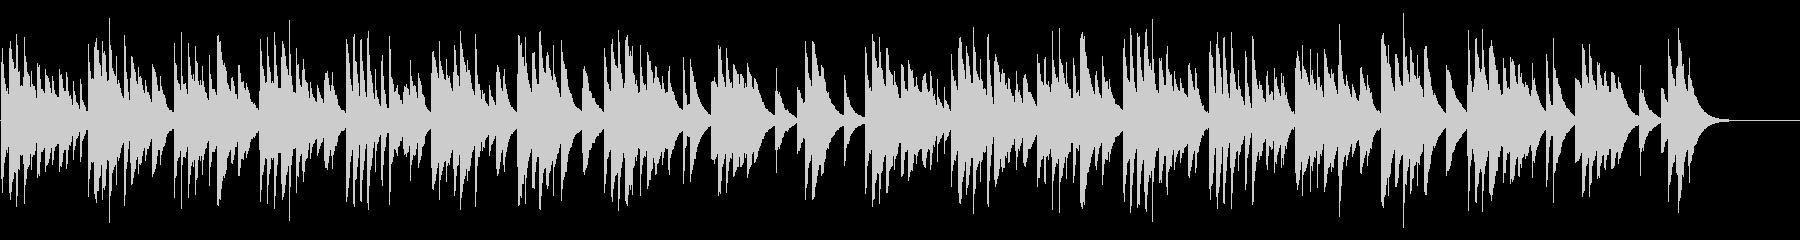 モーツァルトの子守唄 カード式オルゴールの未再生の波形